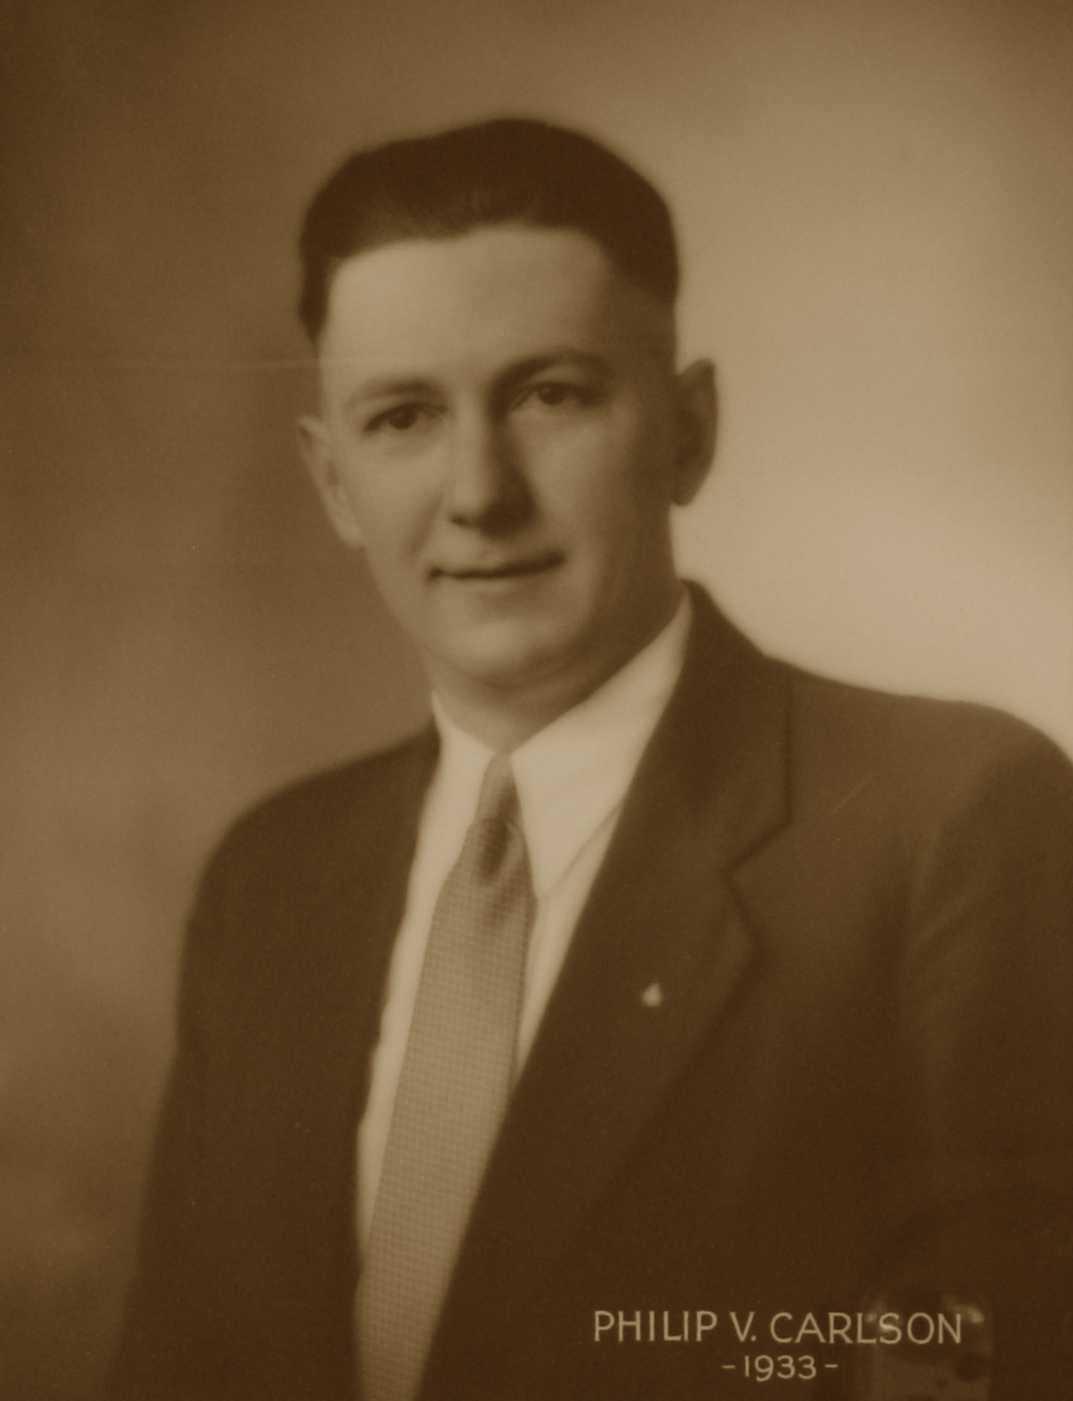 Philip V. Carlson, 1933